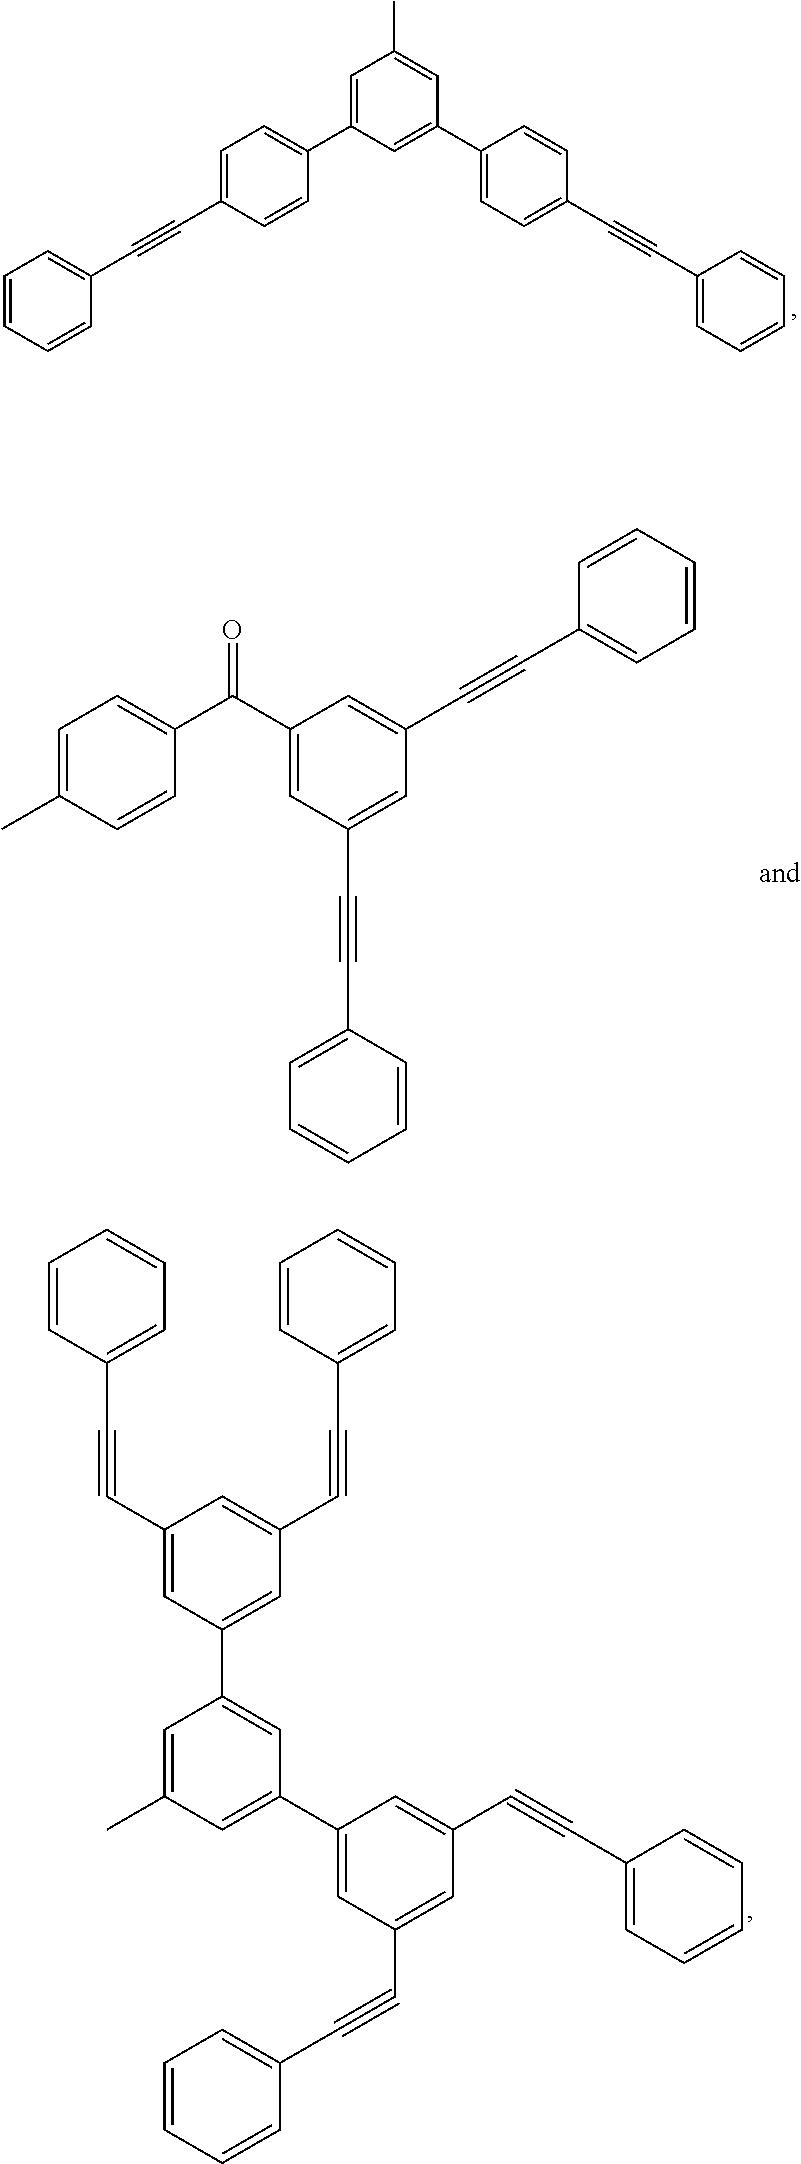 Figure US20110128840A1-20110602-C00009